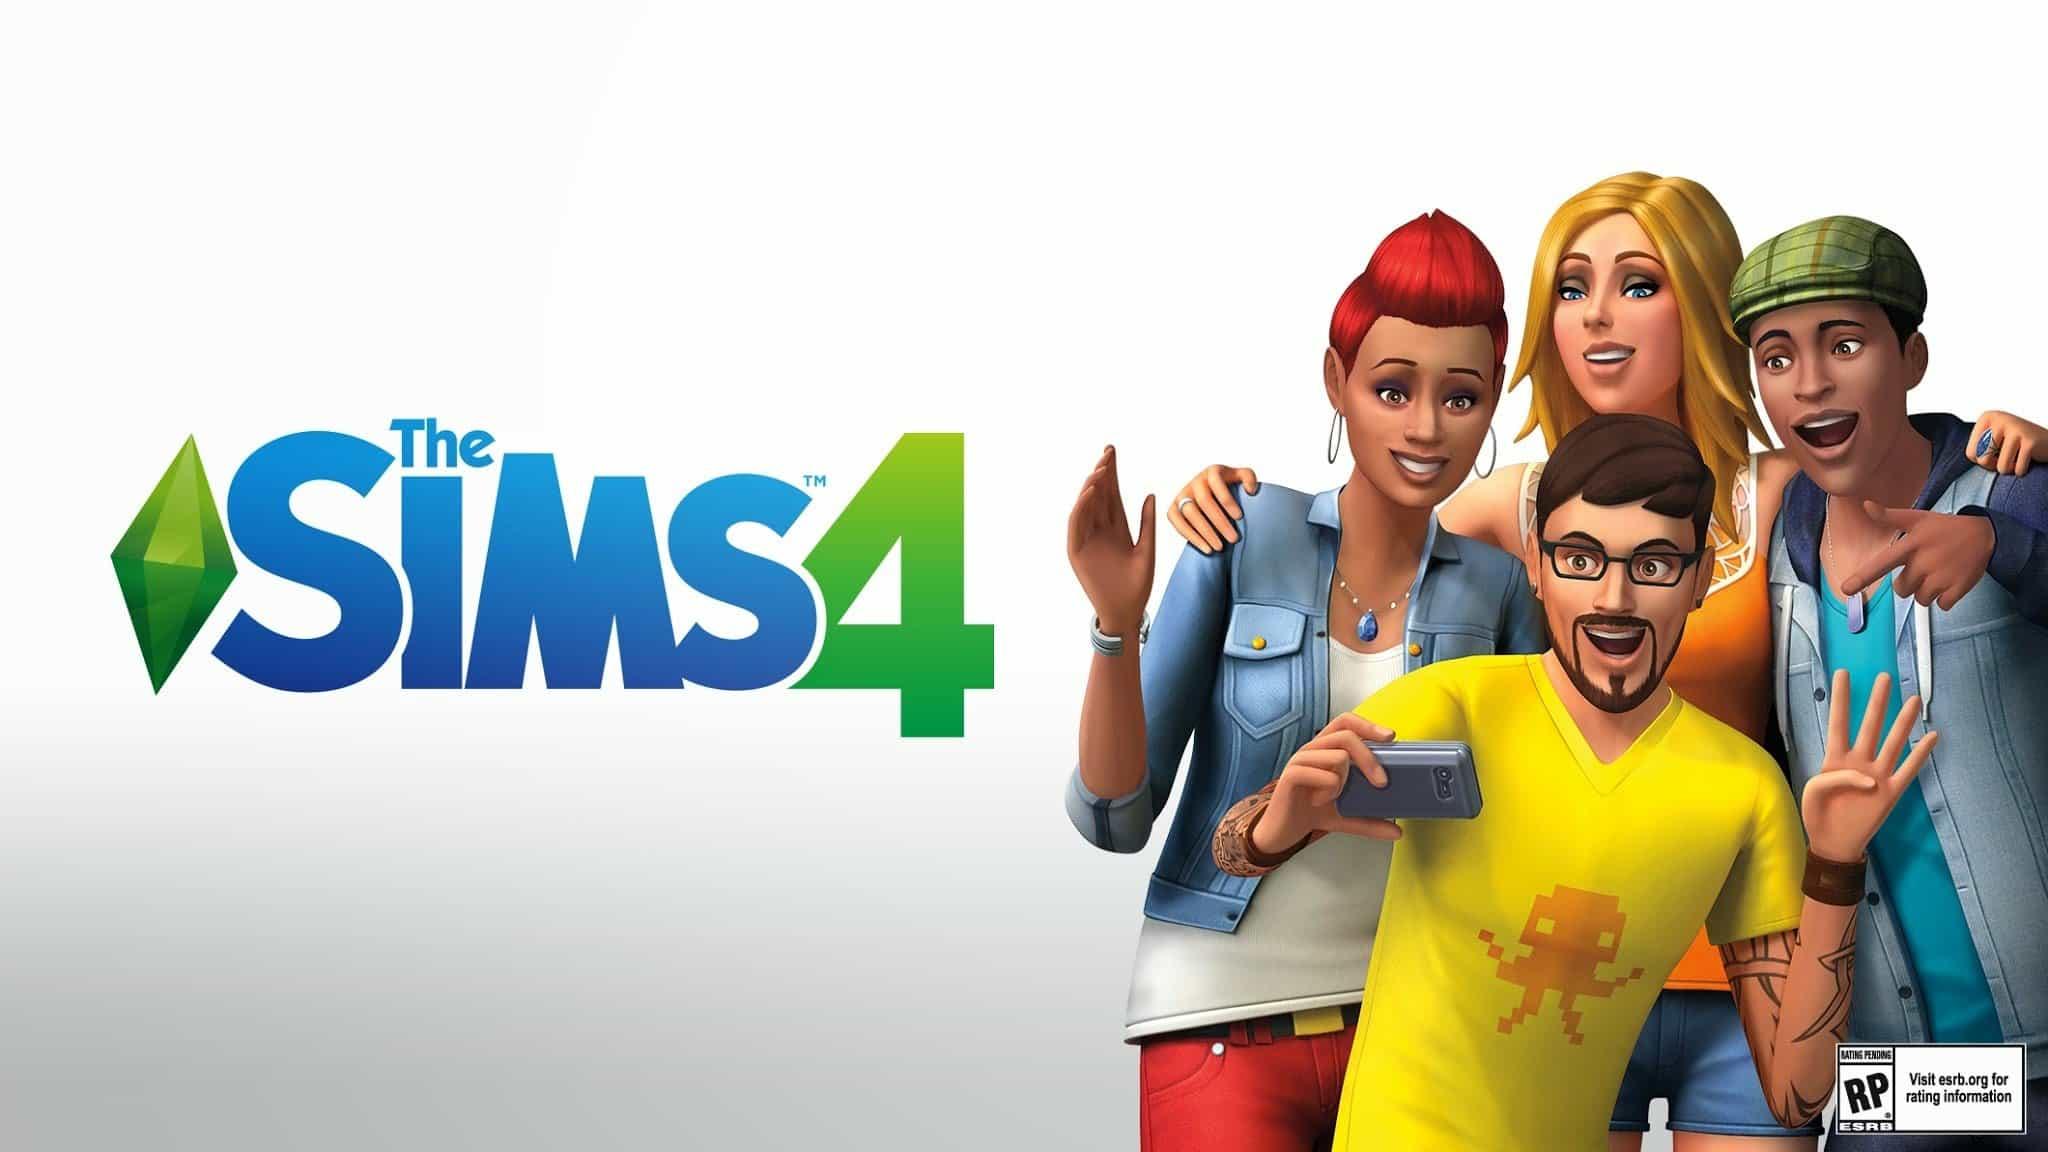 dicas de The Sims 4 the sims